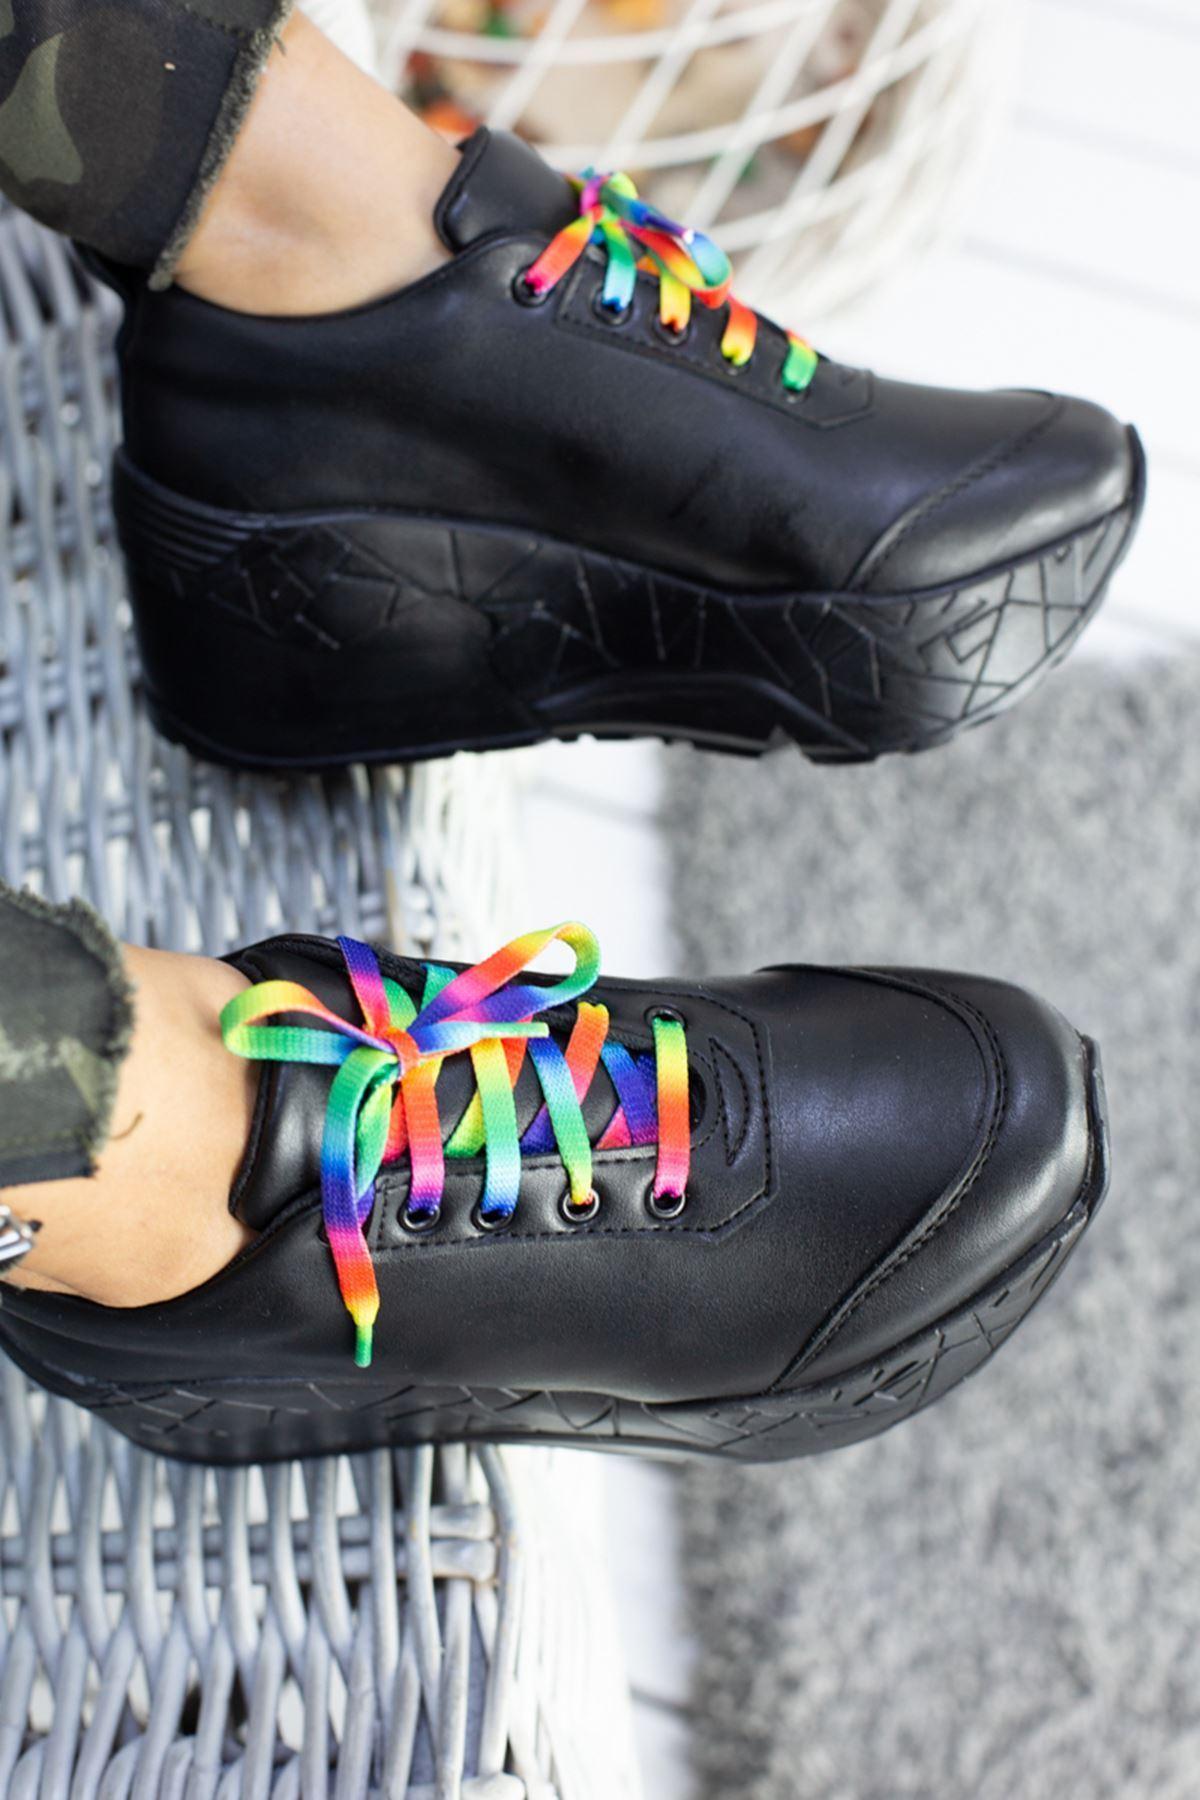 Zeyna Mat Deri Renkli Bağcık Detay Yüksek Tabanlı Spor Ayakkabı Siyah